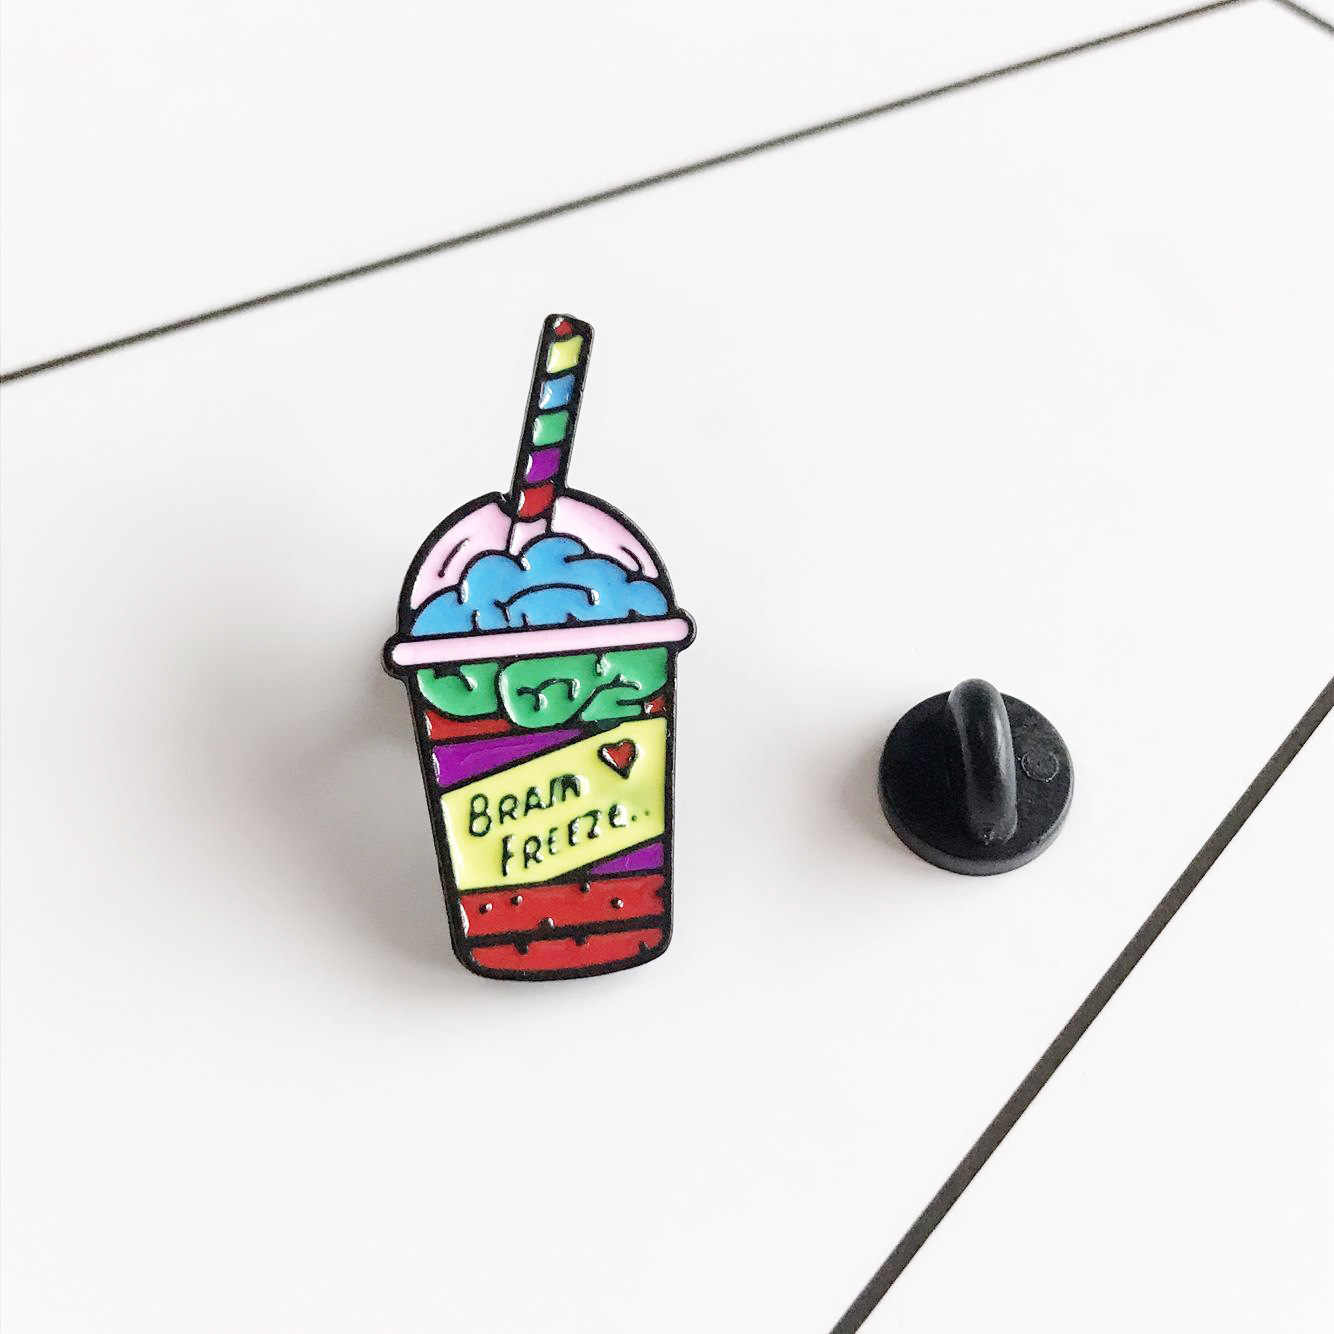 Броши Catoon для женщин, палка-мешкалка для коктейля эмалированные значки на булавке, забавные значки на рюкзаке, куртки с отворотом, модные украшения